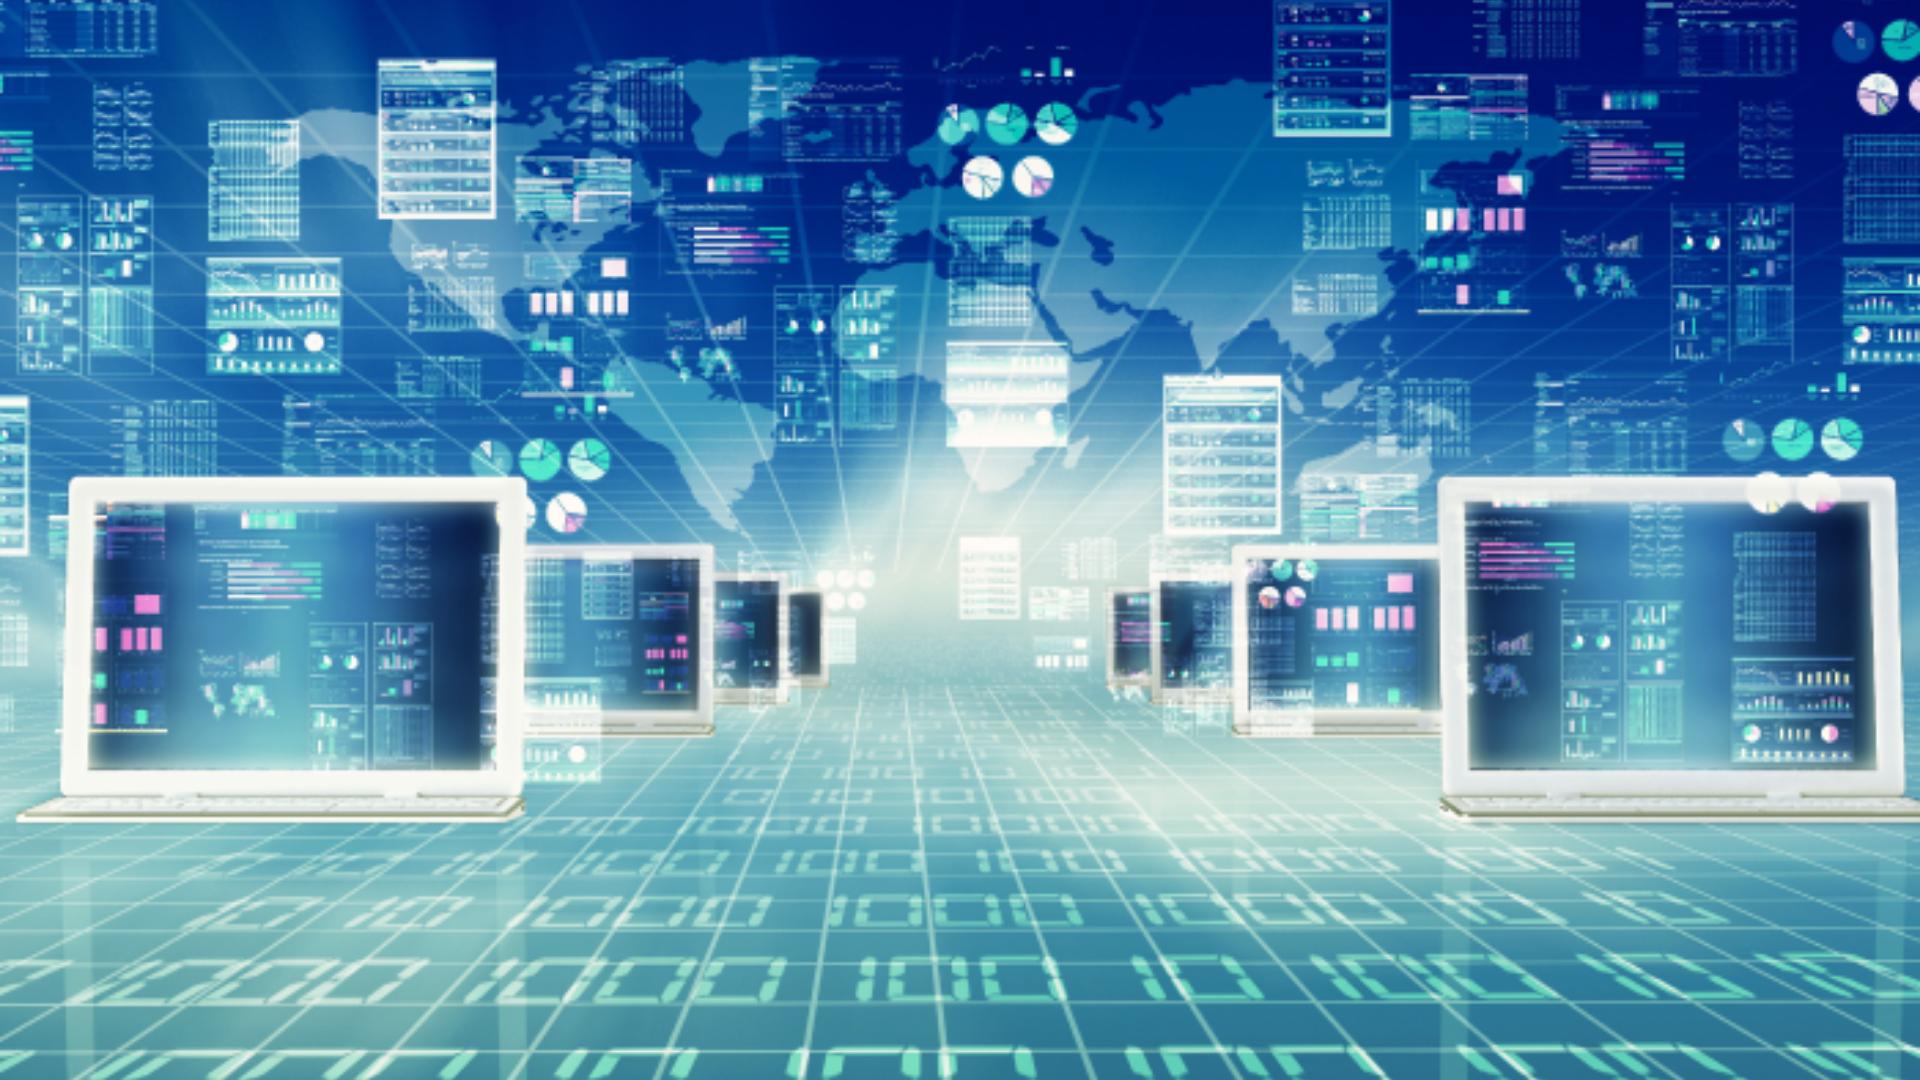 Simplifier l'orchestration et l'automatisation du flux de travail dans diverses applications et infrastructures